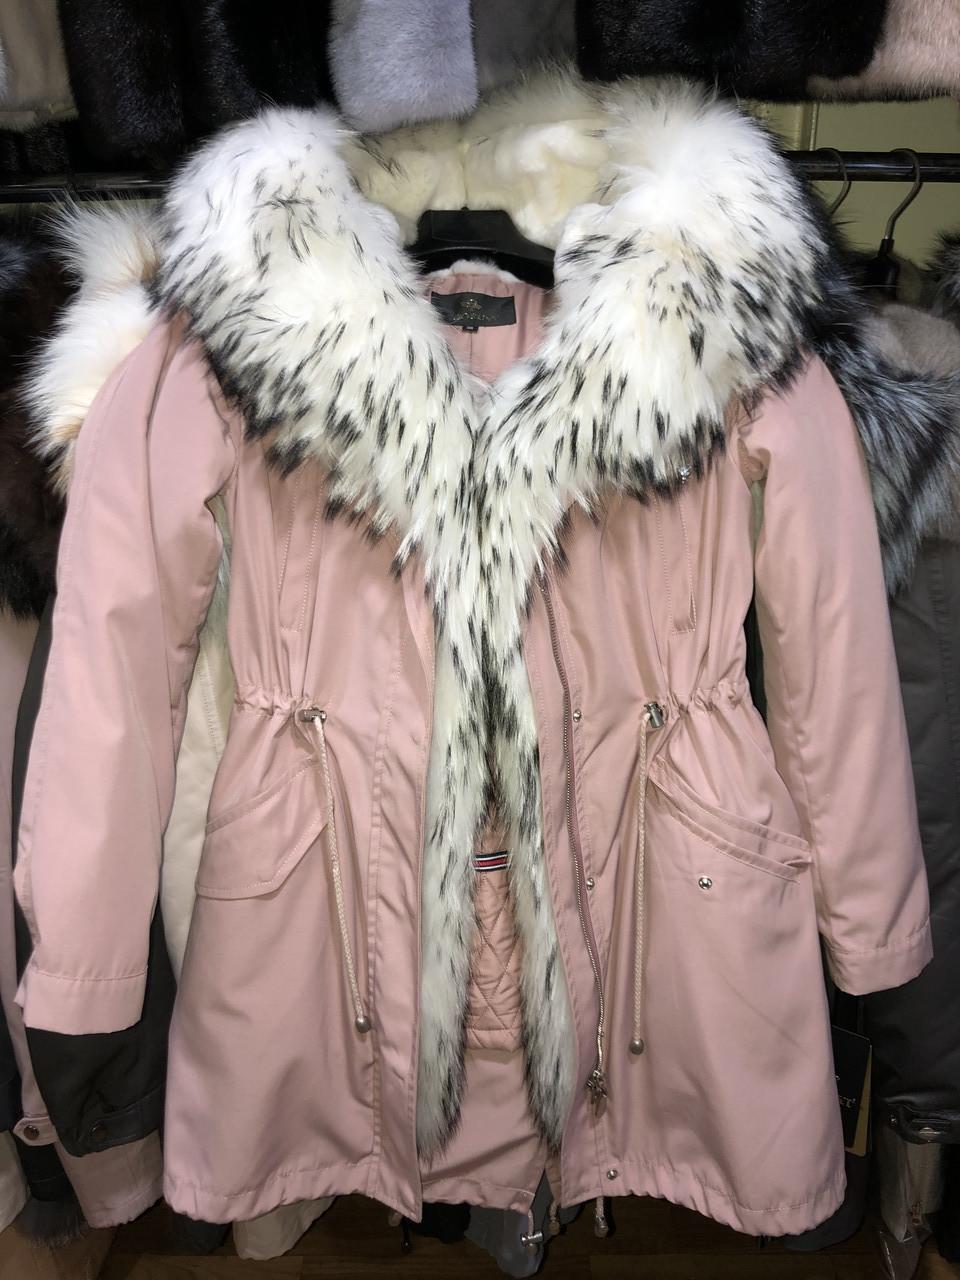 Рожева куртка парку з натуральним хутром арктичної лисиці на капюшоні